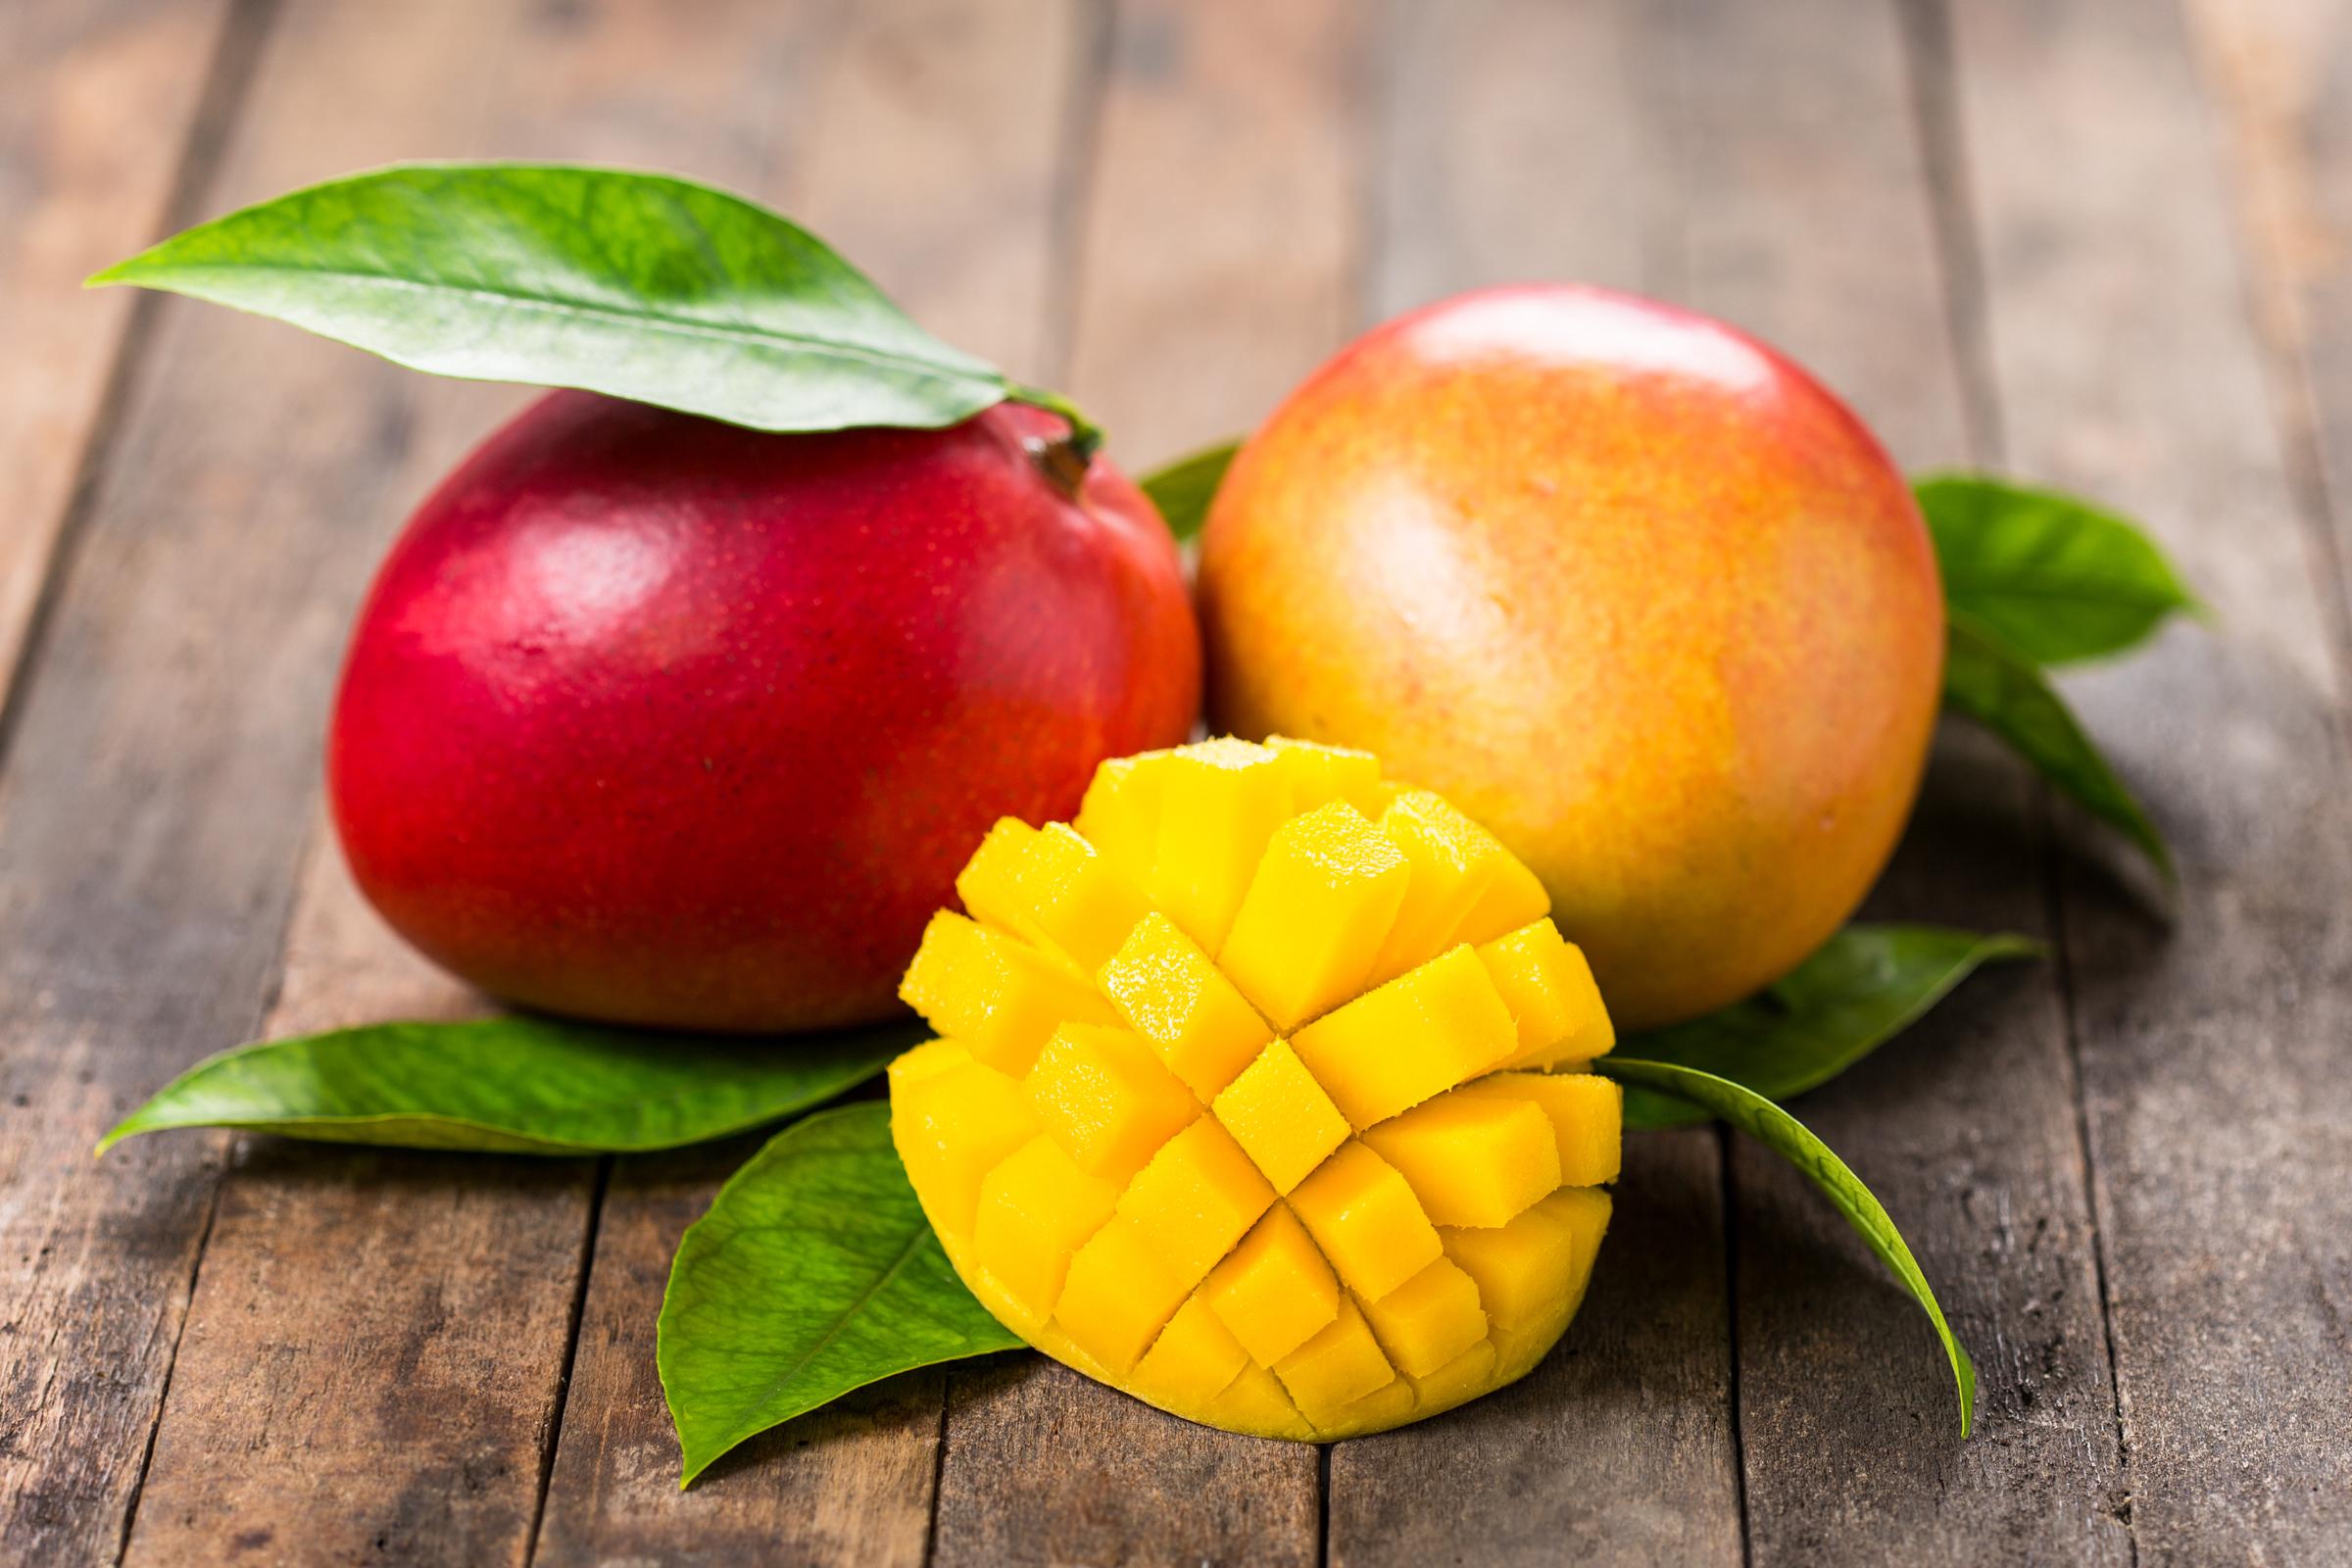 gyümölcsök és zöldségek a pénisz növekedéséhez